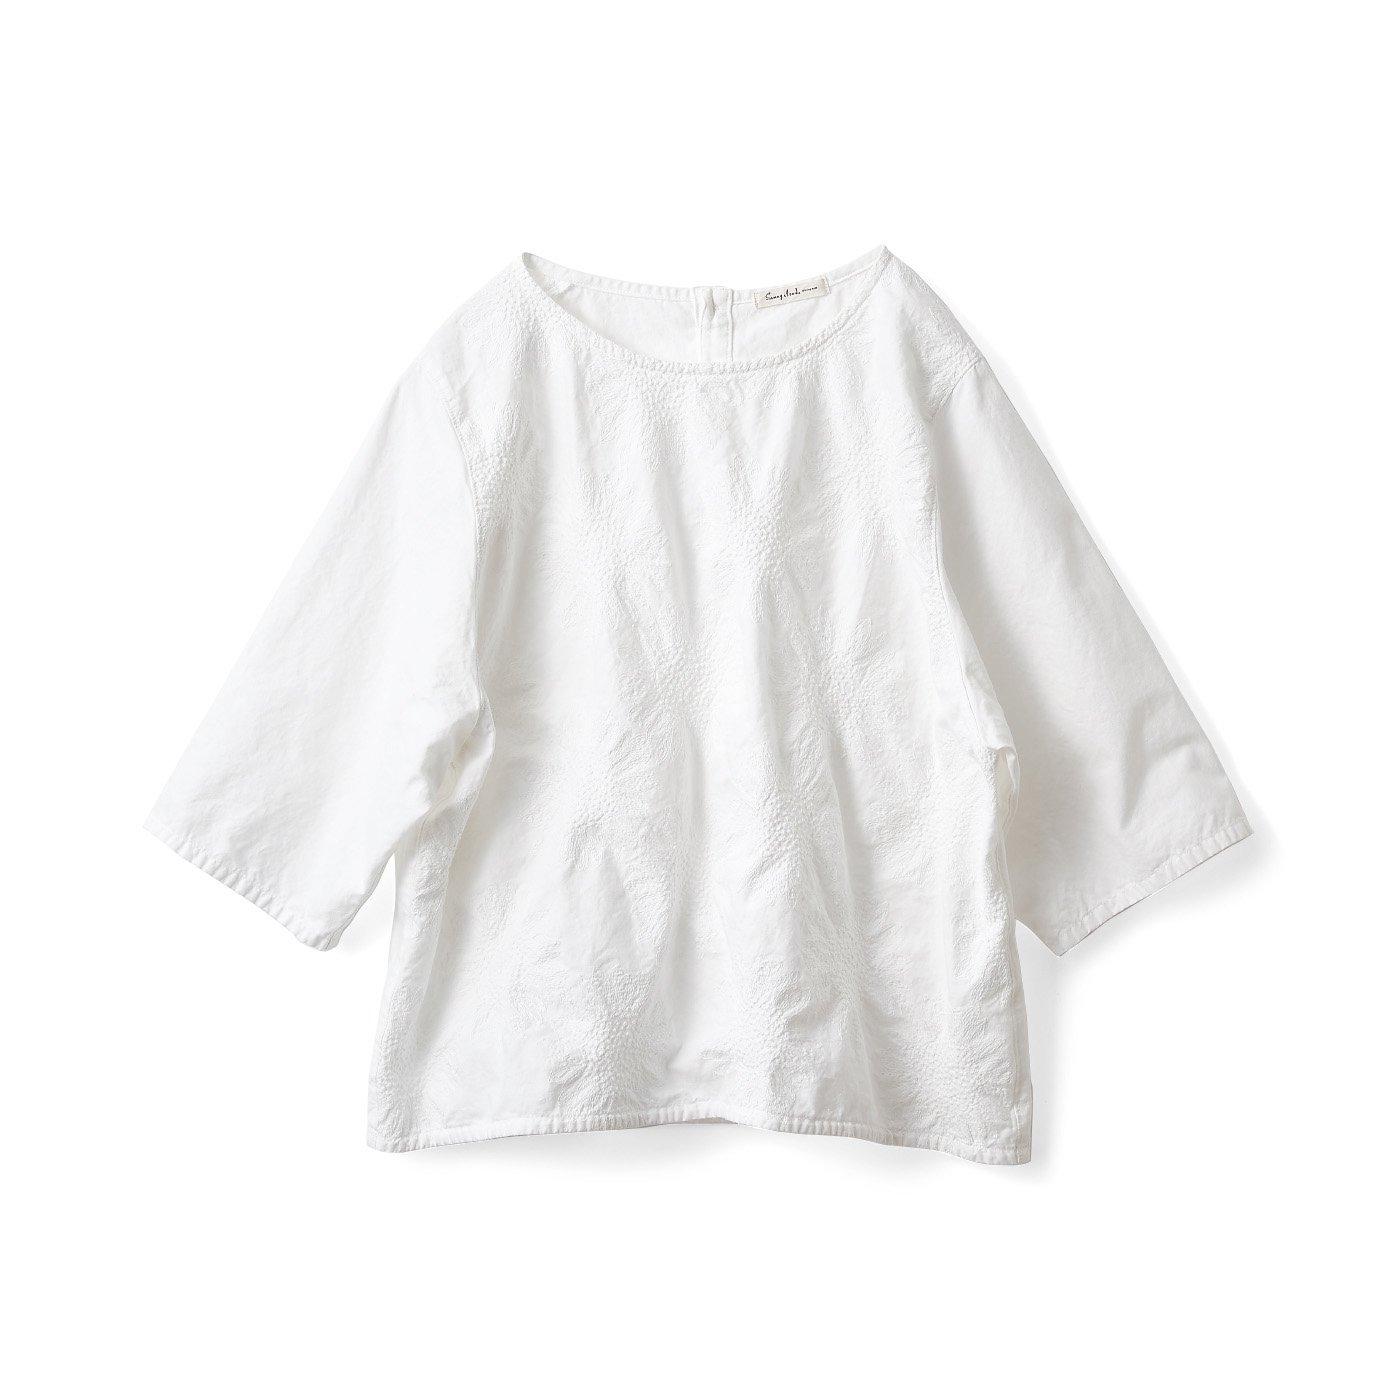 サニークラウズ 白いひまわり刺しゅうトップス〈レディース〉